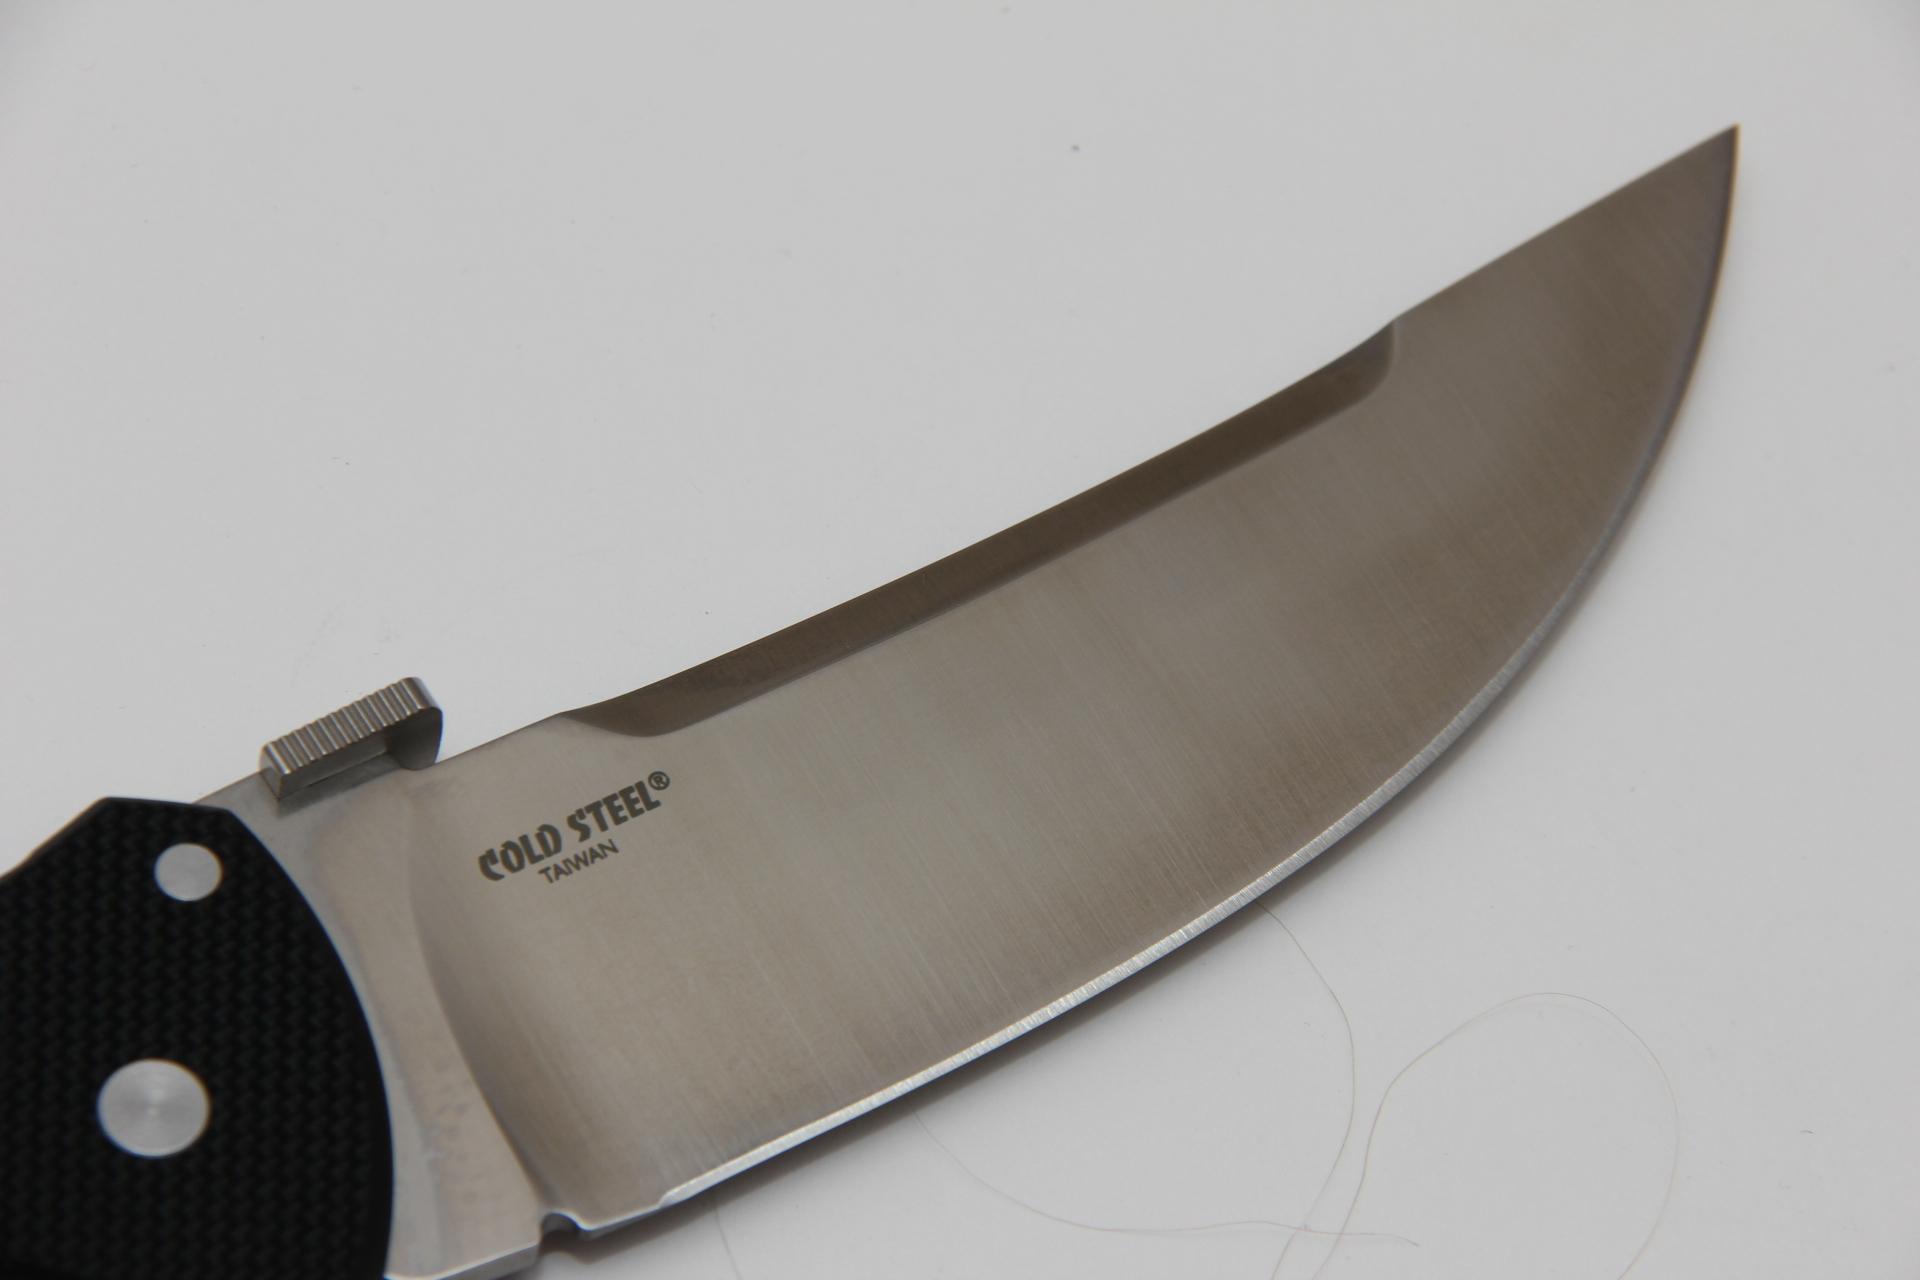 Нож Cold Steel модель CS21TTXL Talwar plain XL - фотография